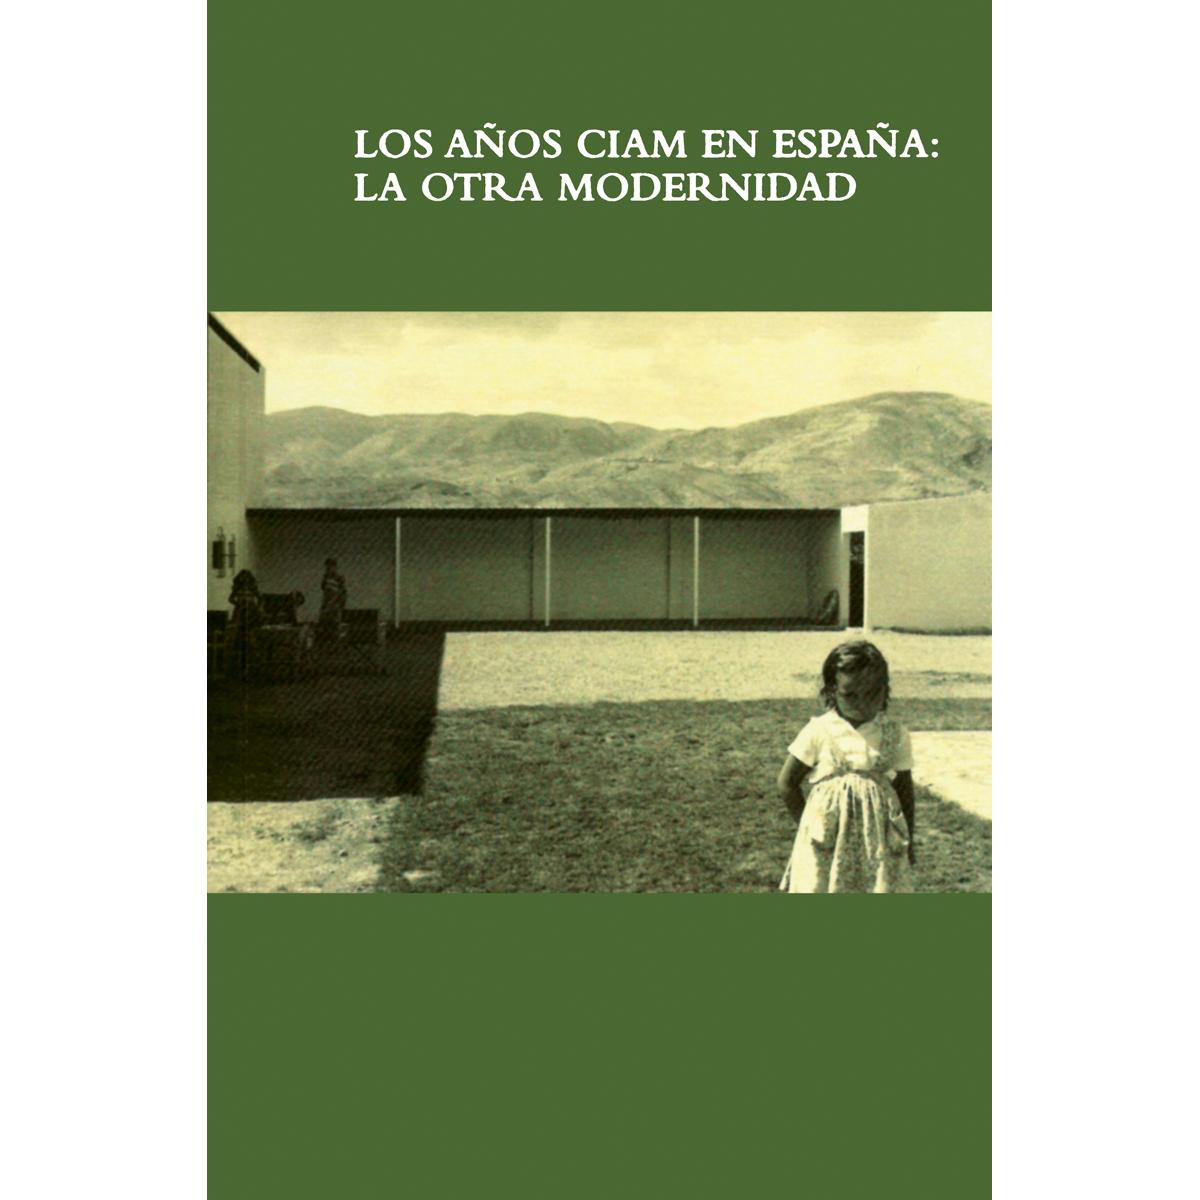 Los años CIAM en España